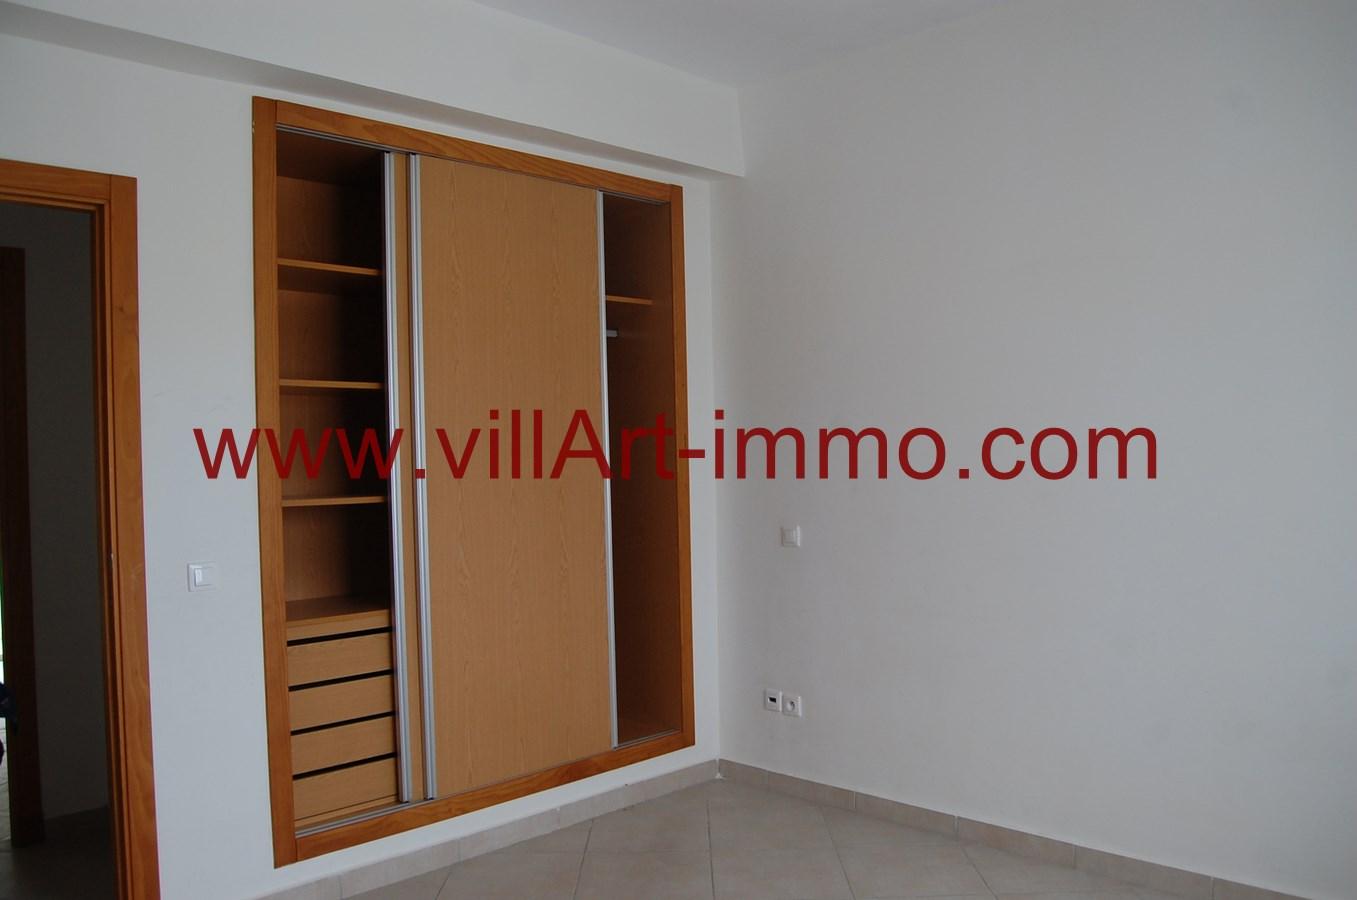 8-a-louer-appartement-non-meuble-tanger-chambre-3-l889-villart-immo